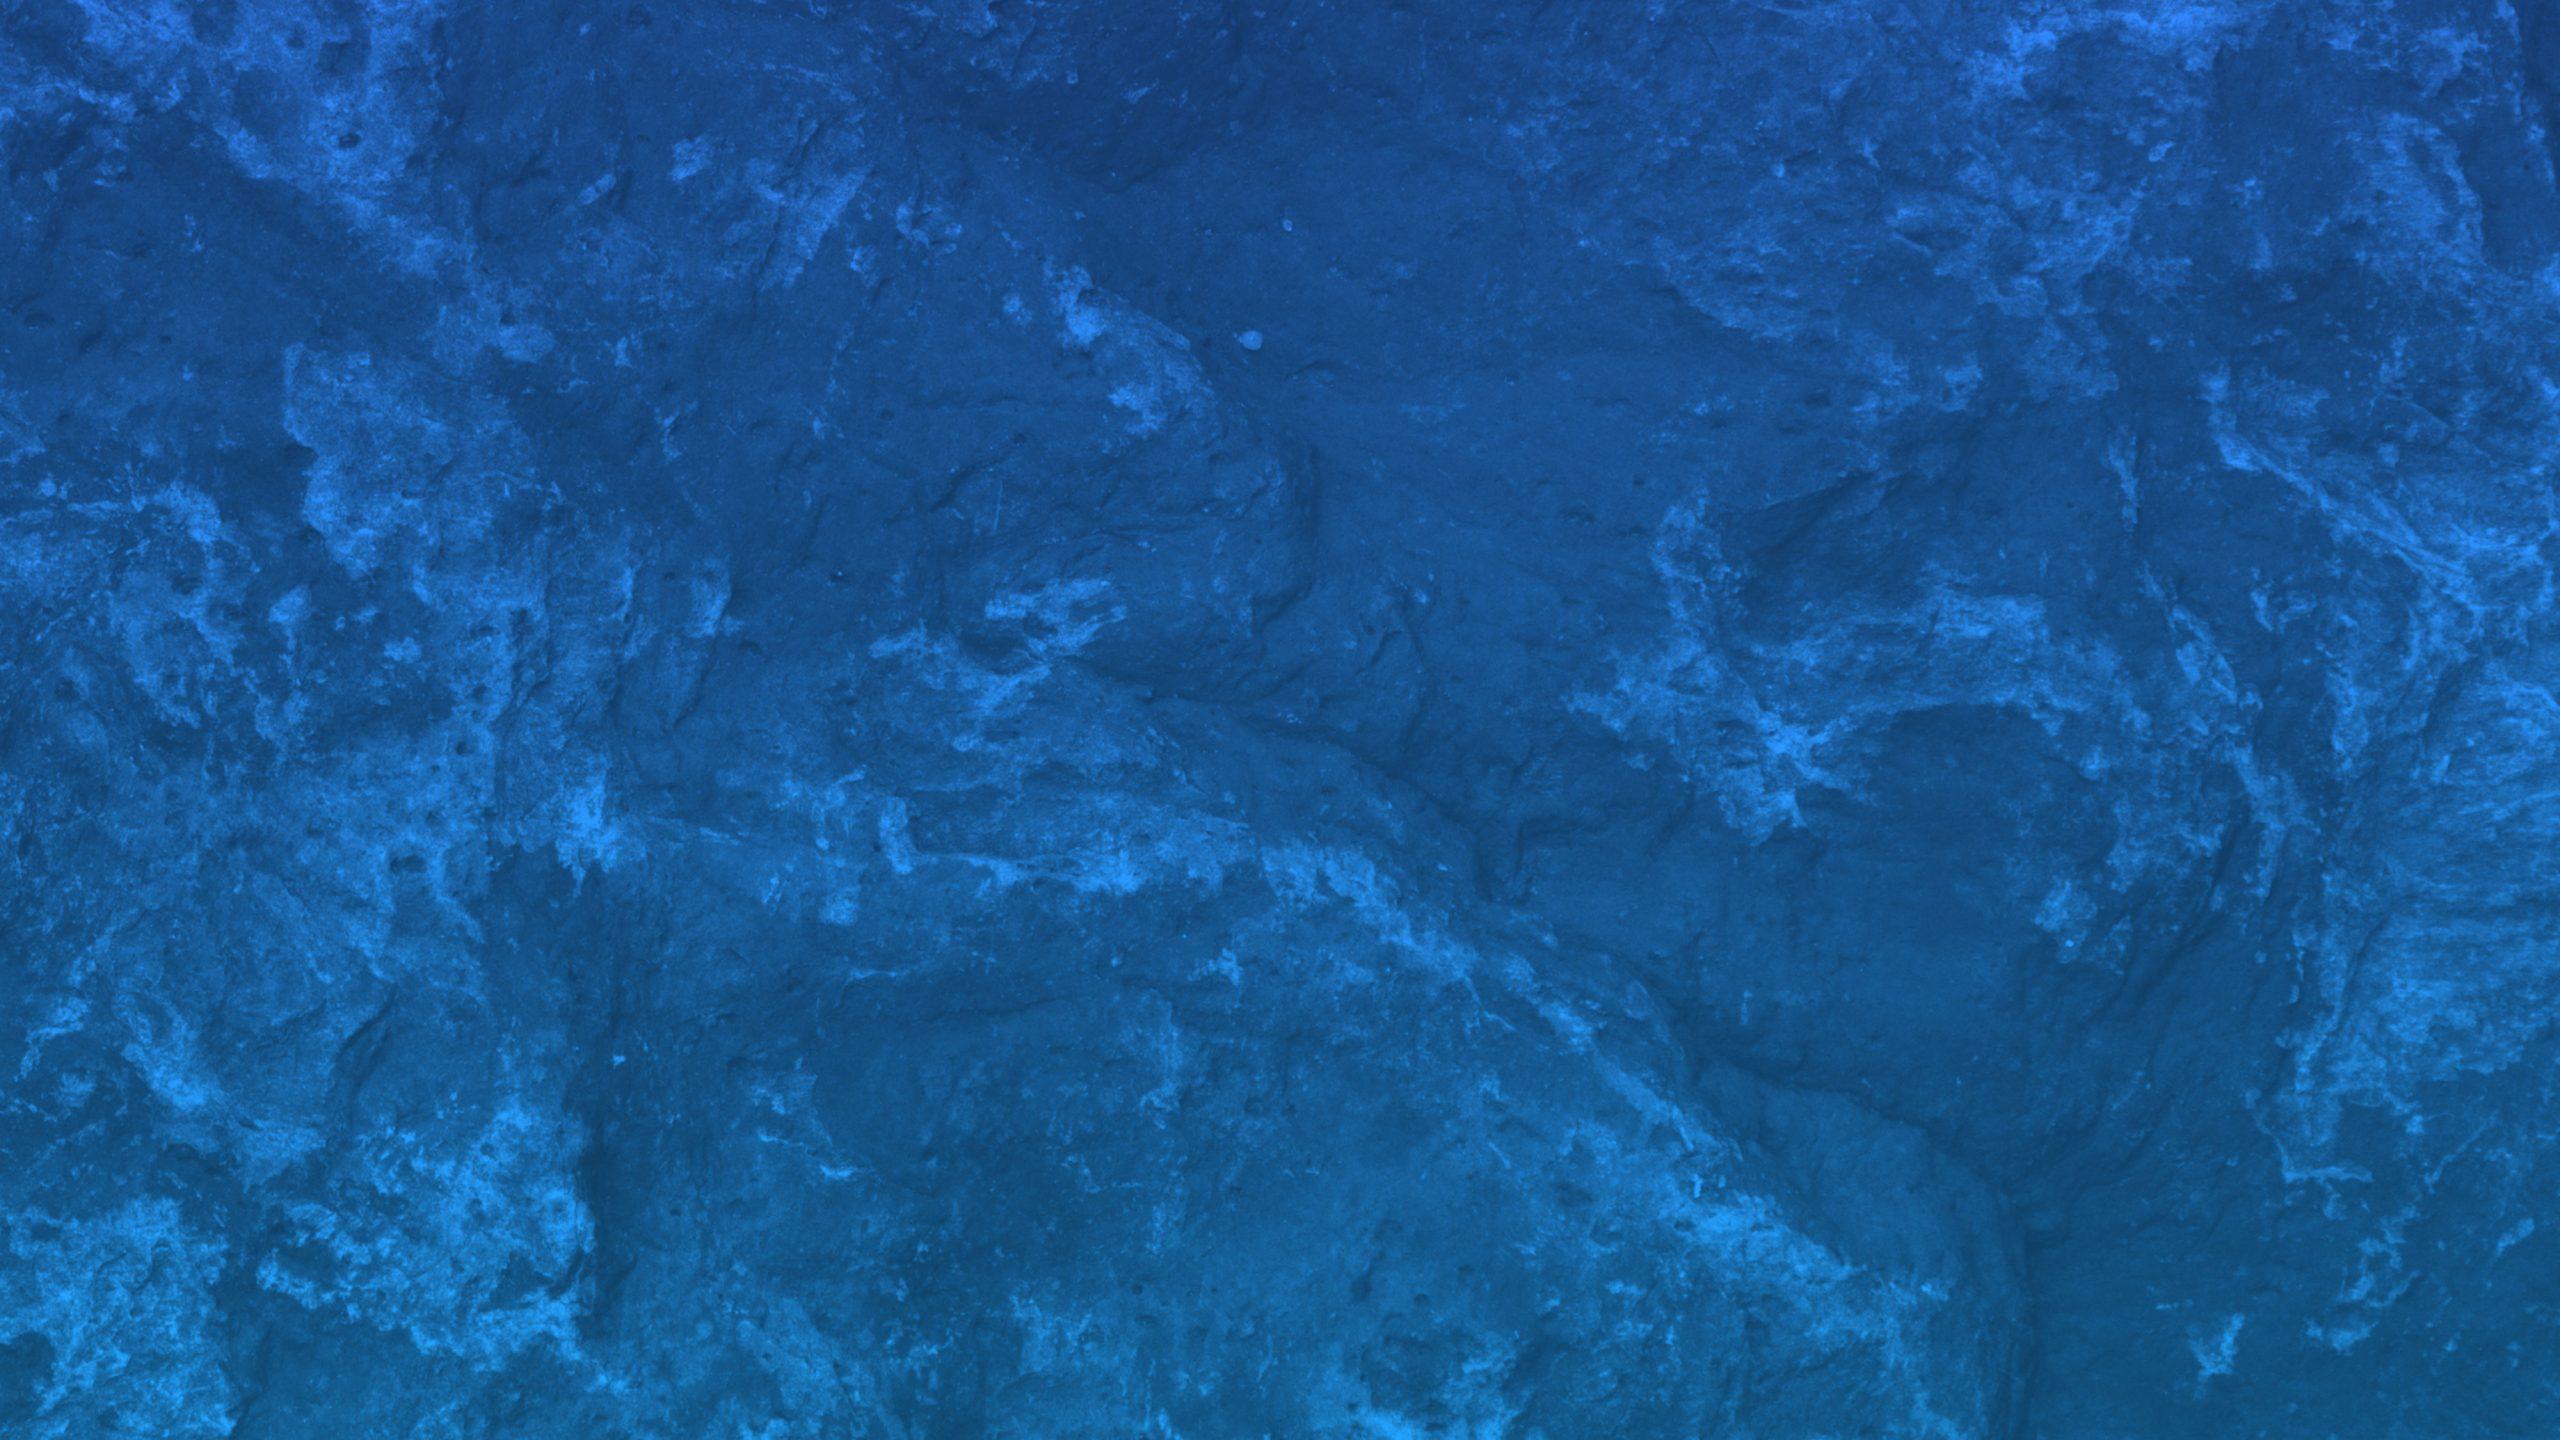 Blue rock surface wallpaper